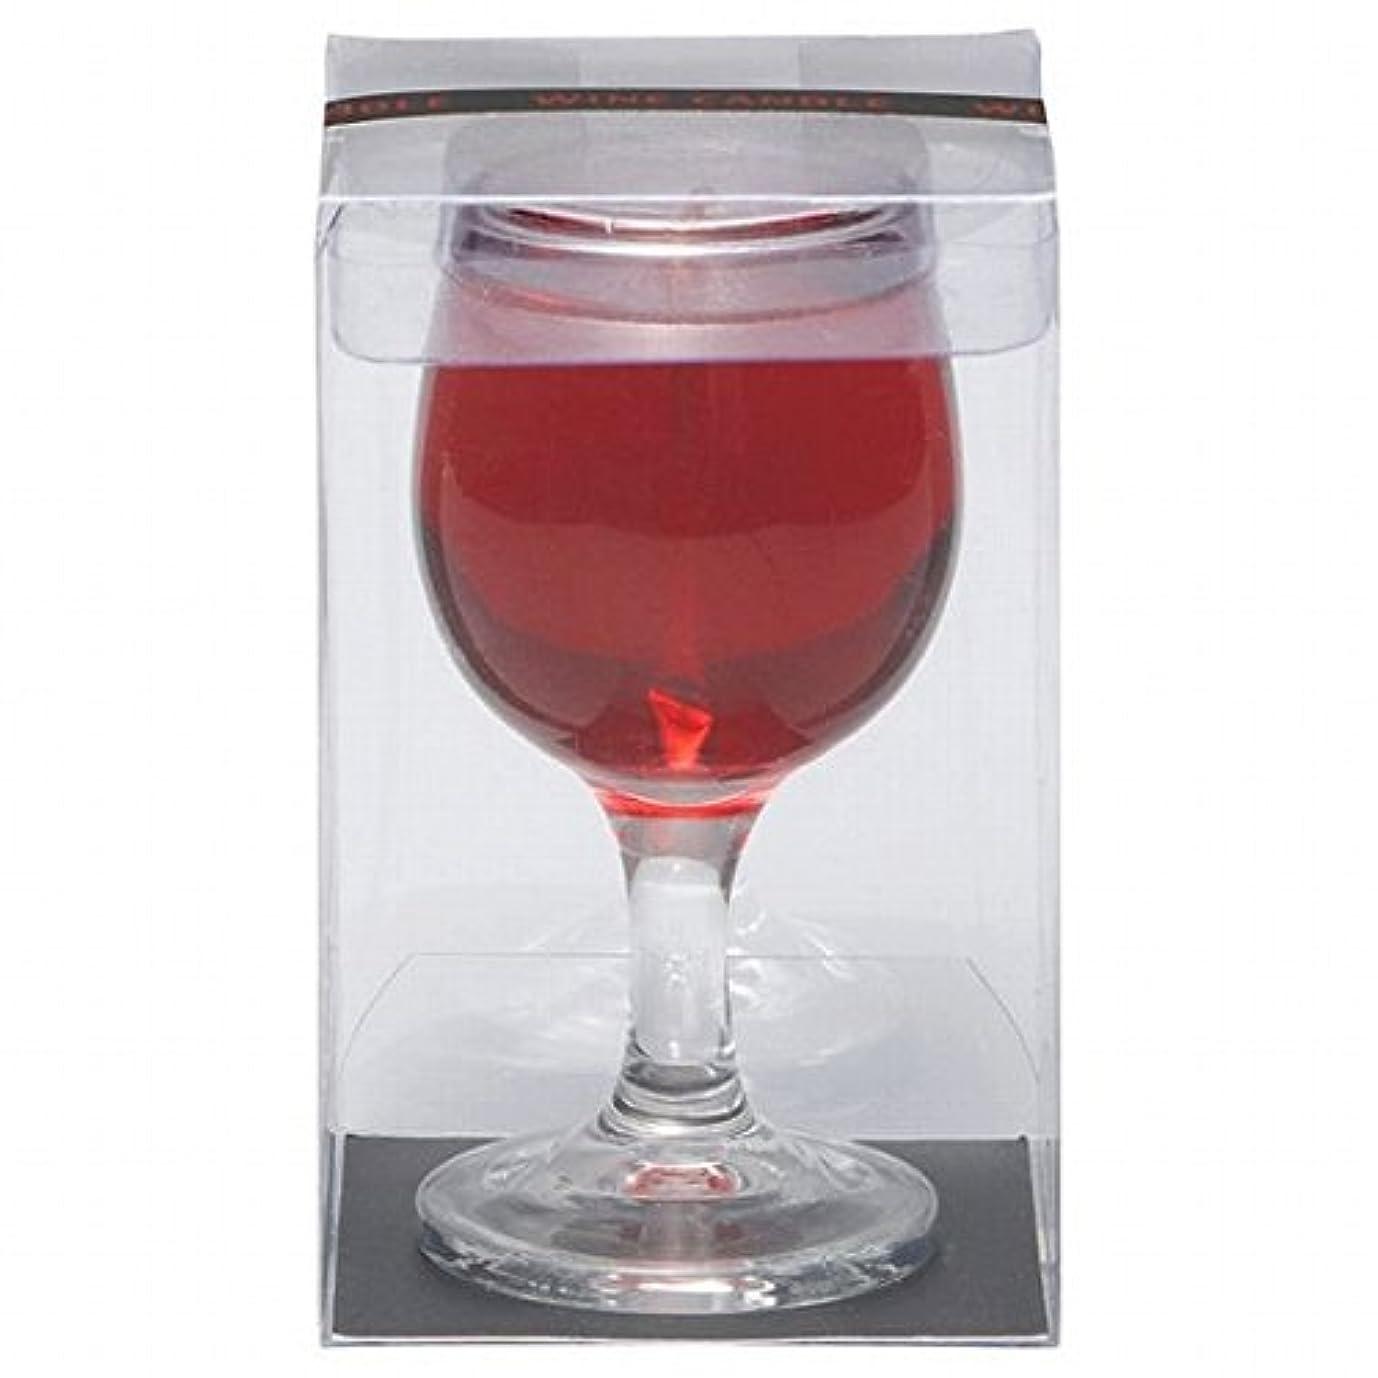 ポーター強制的些細カメヤマキャンドル(kameyama candle) ワインキャンドル